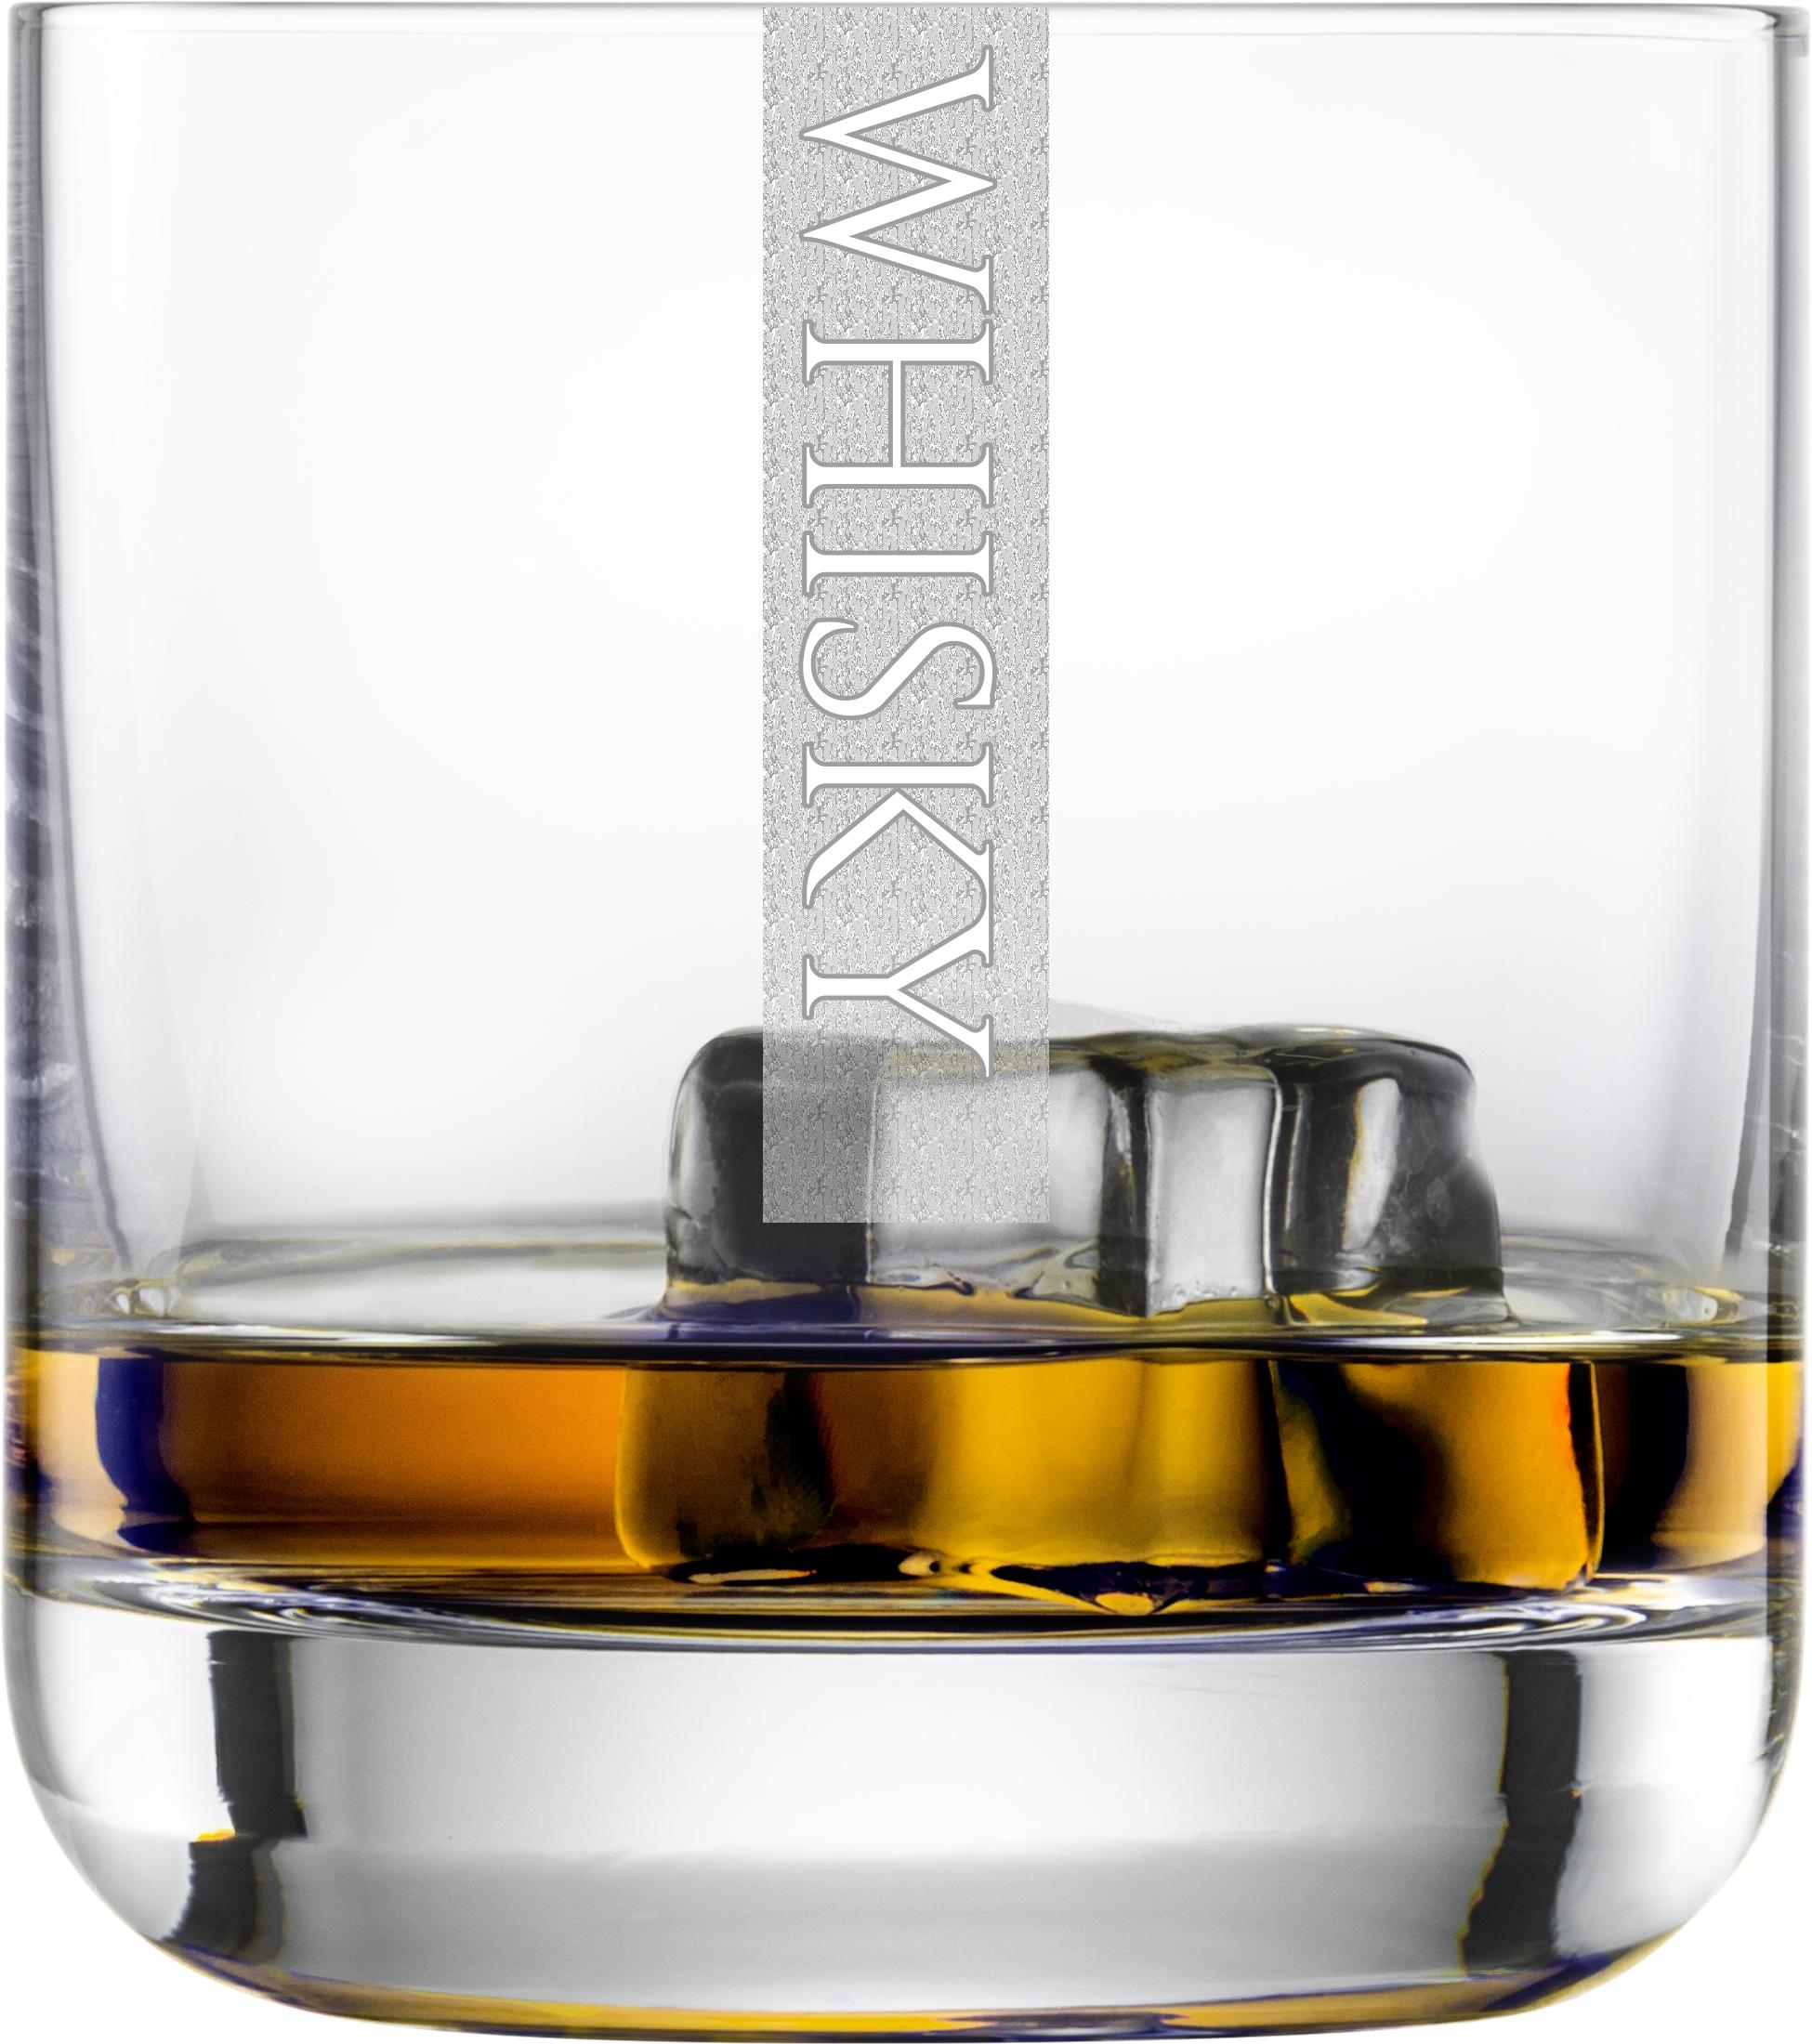 WHISKY Gläser | 6 Stück 300ml Schott Tumblerglas | CoolGlas